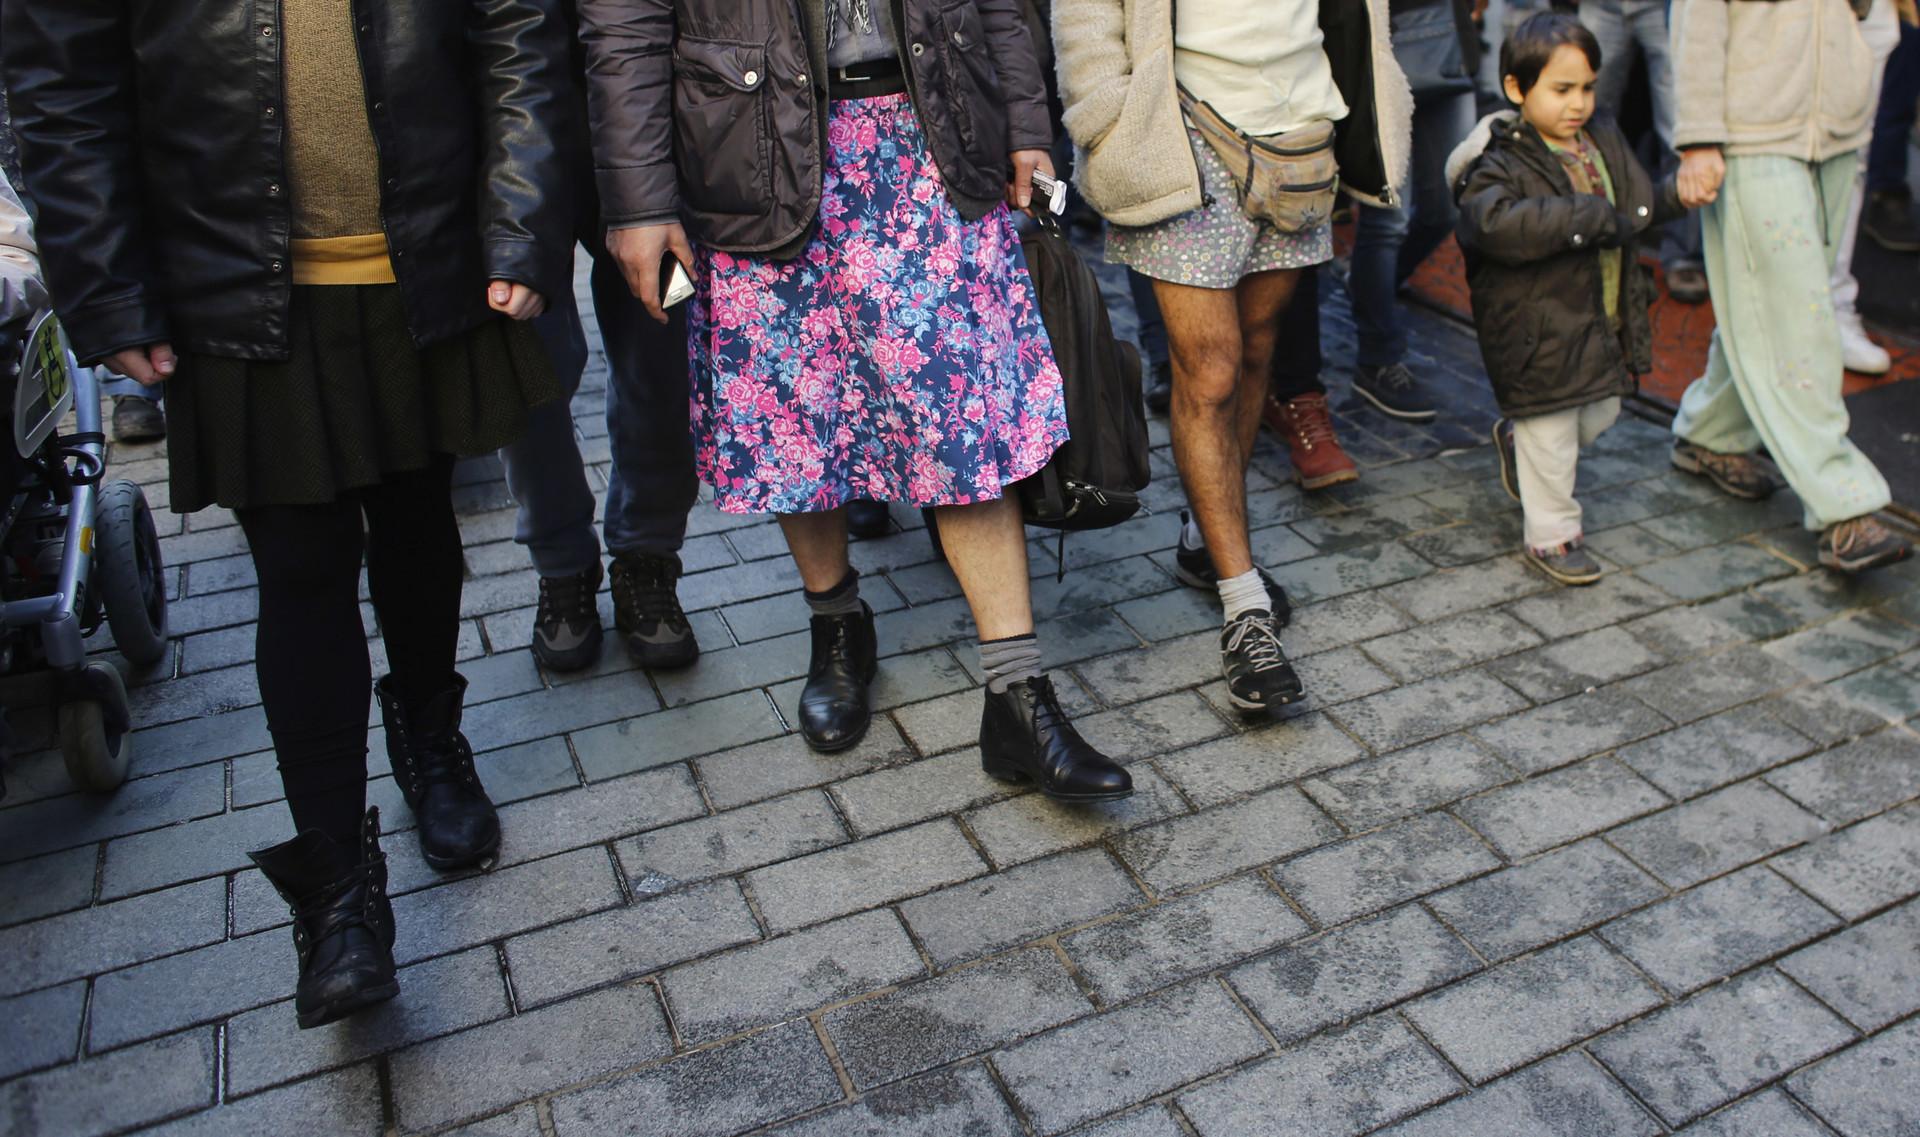 Minifalda y ataque sexual